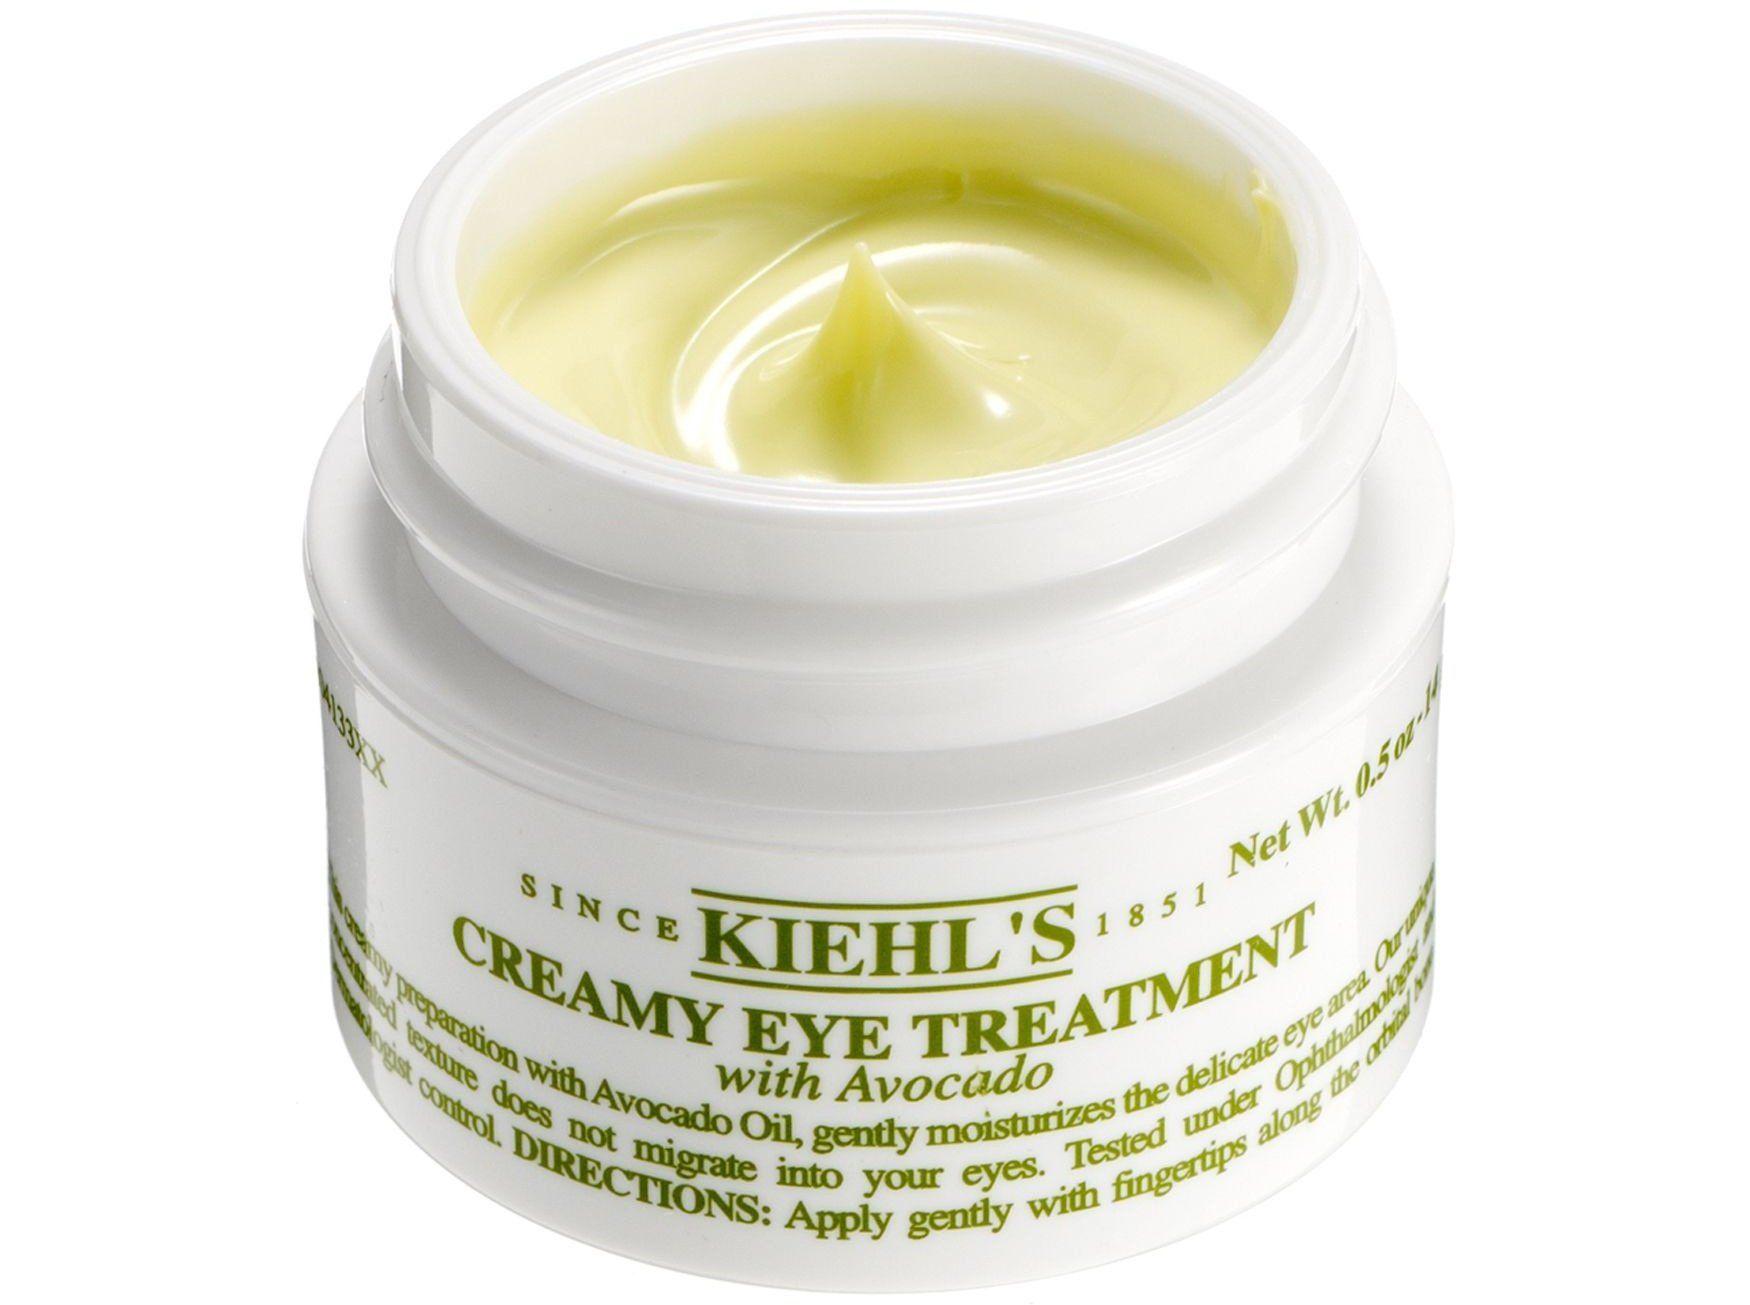 Kem dưỡng mắt Kiehl's Creamy Eye Treatment với chiết xuất quả bơ